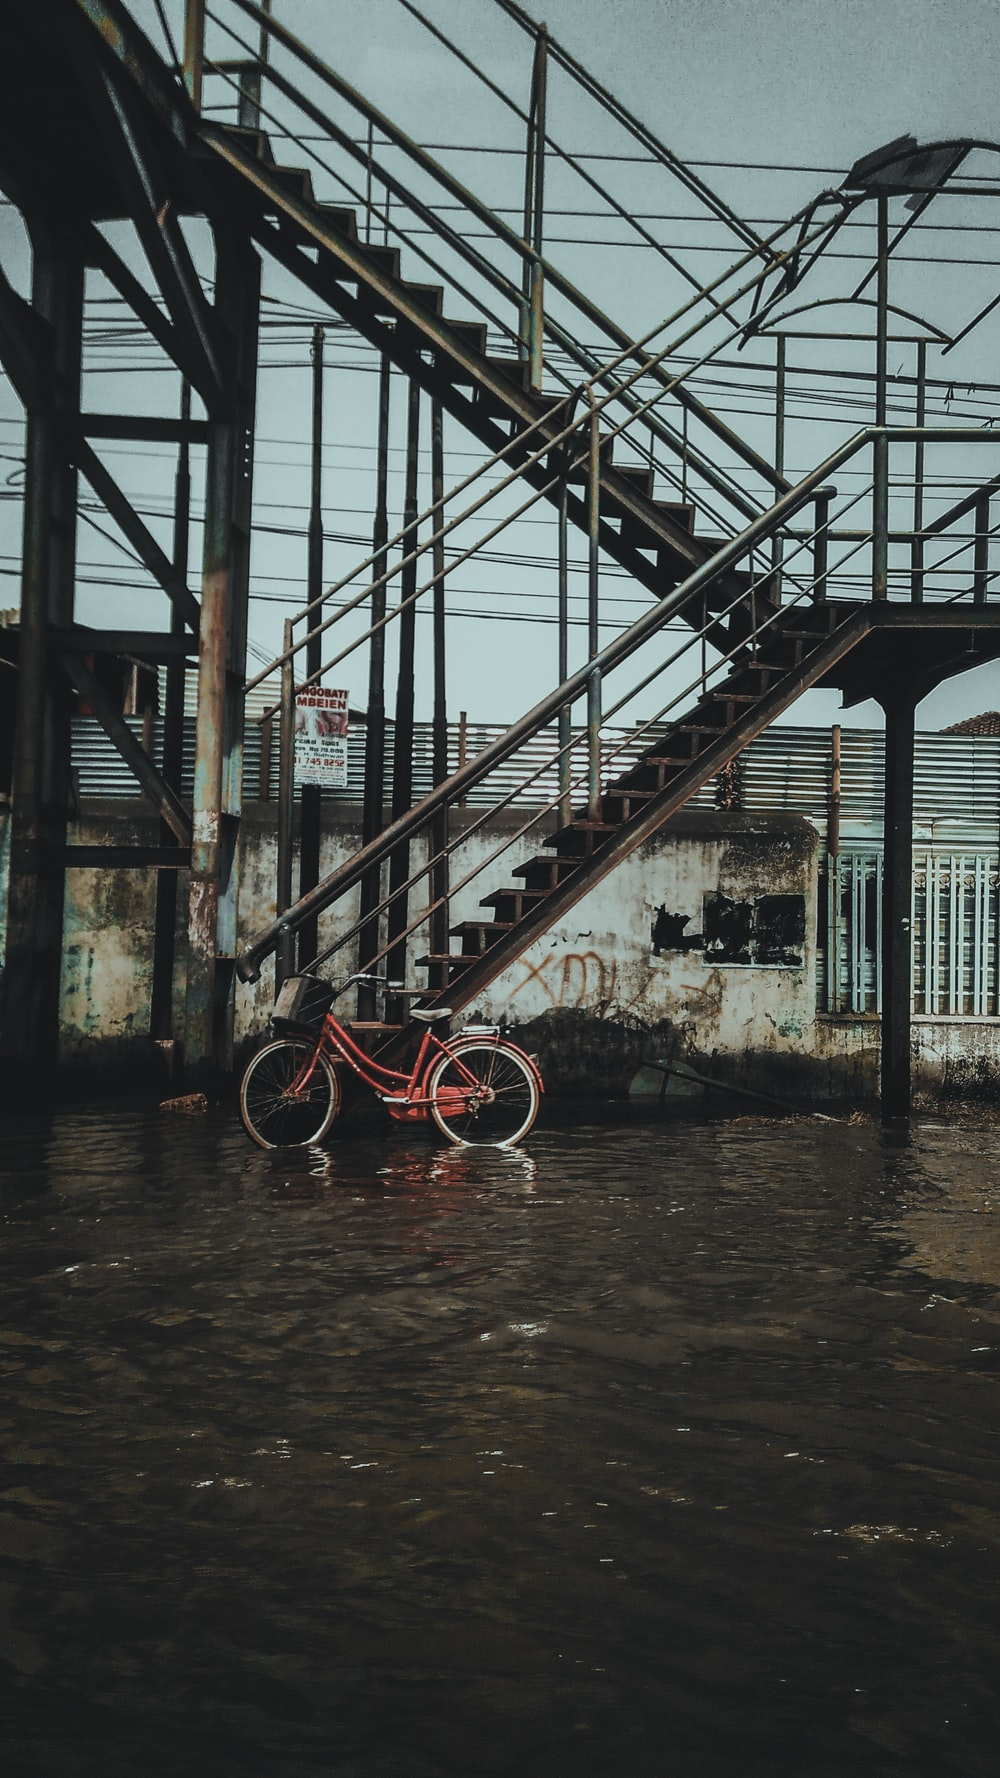 red bicycle on black metal ladder